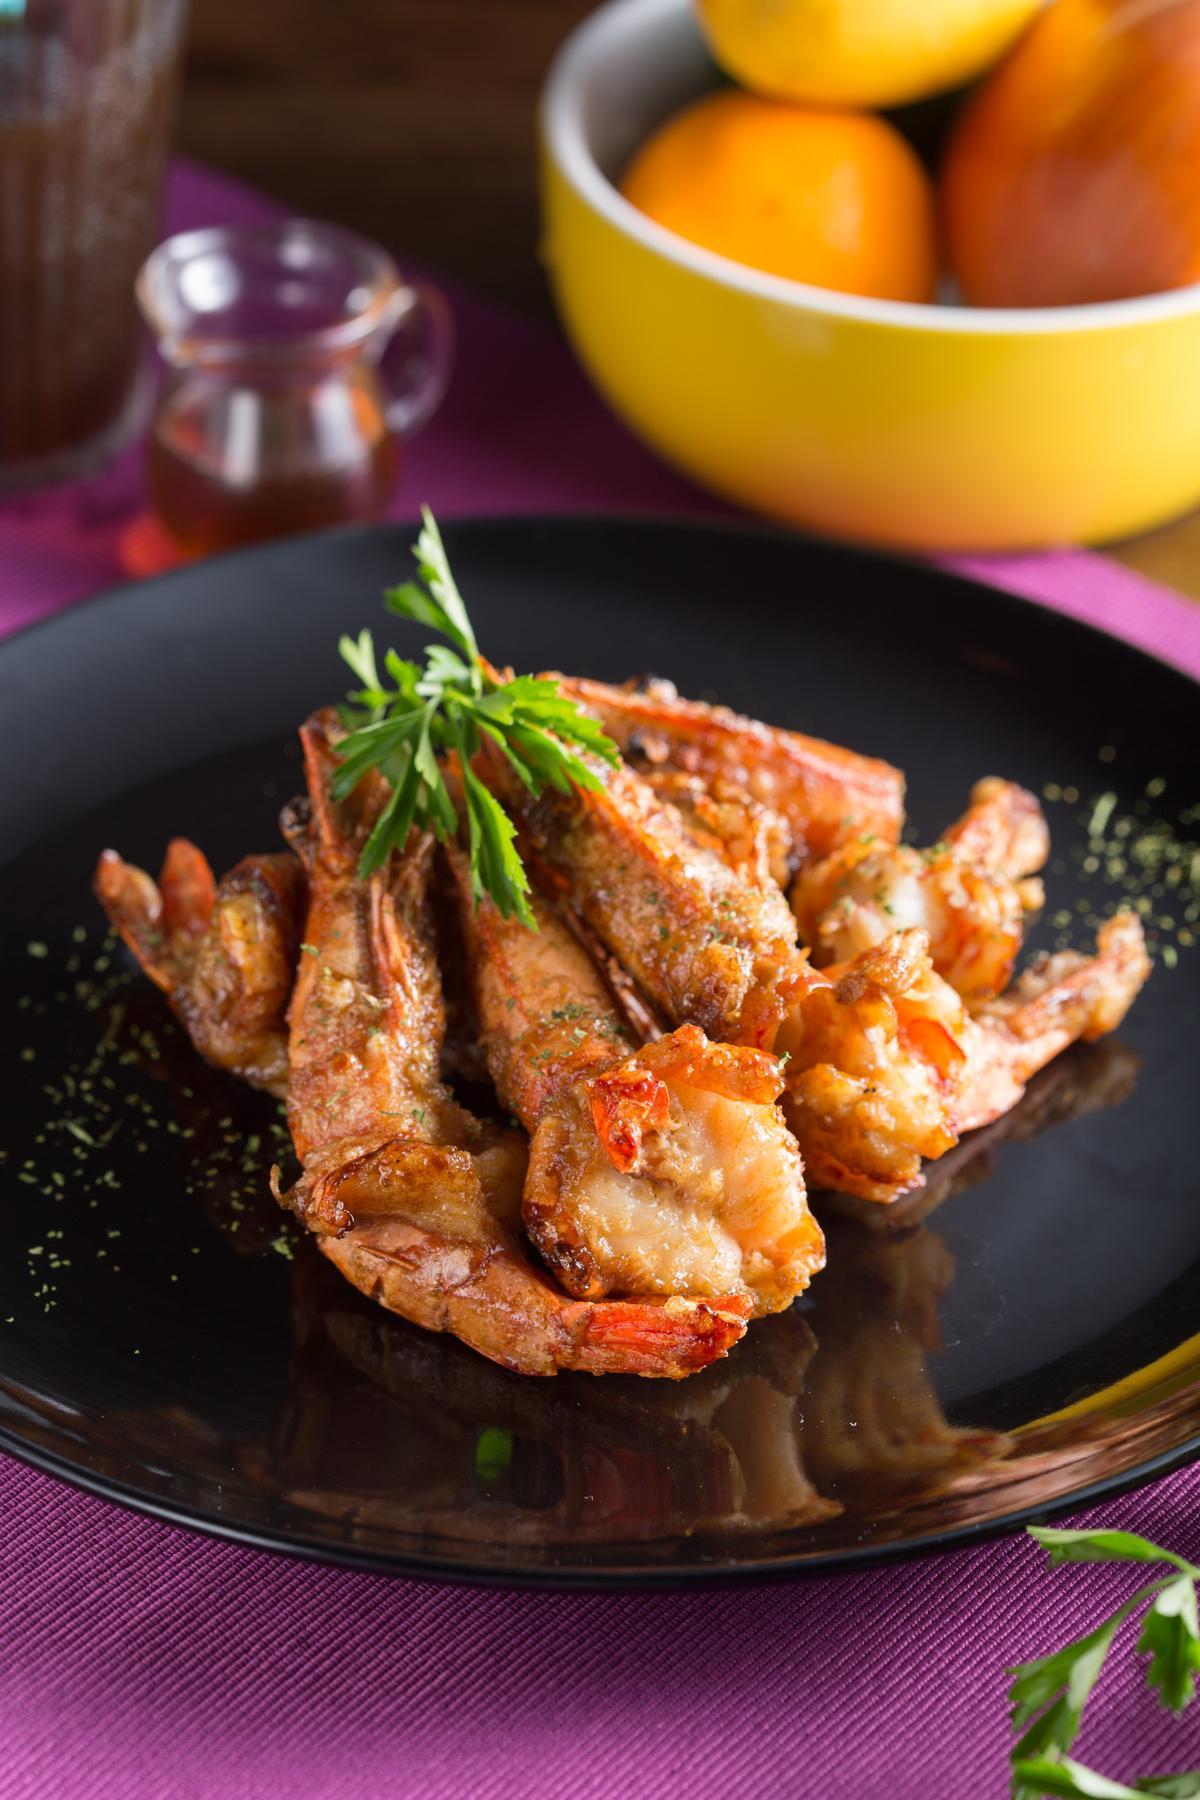 加了伍斯特醬的「里昂吮指酸辣蝦」酸甜惹味。(288元/份)